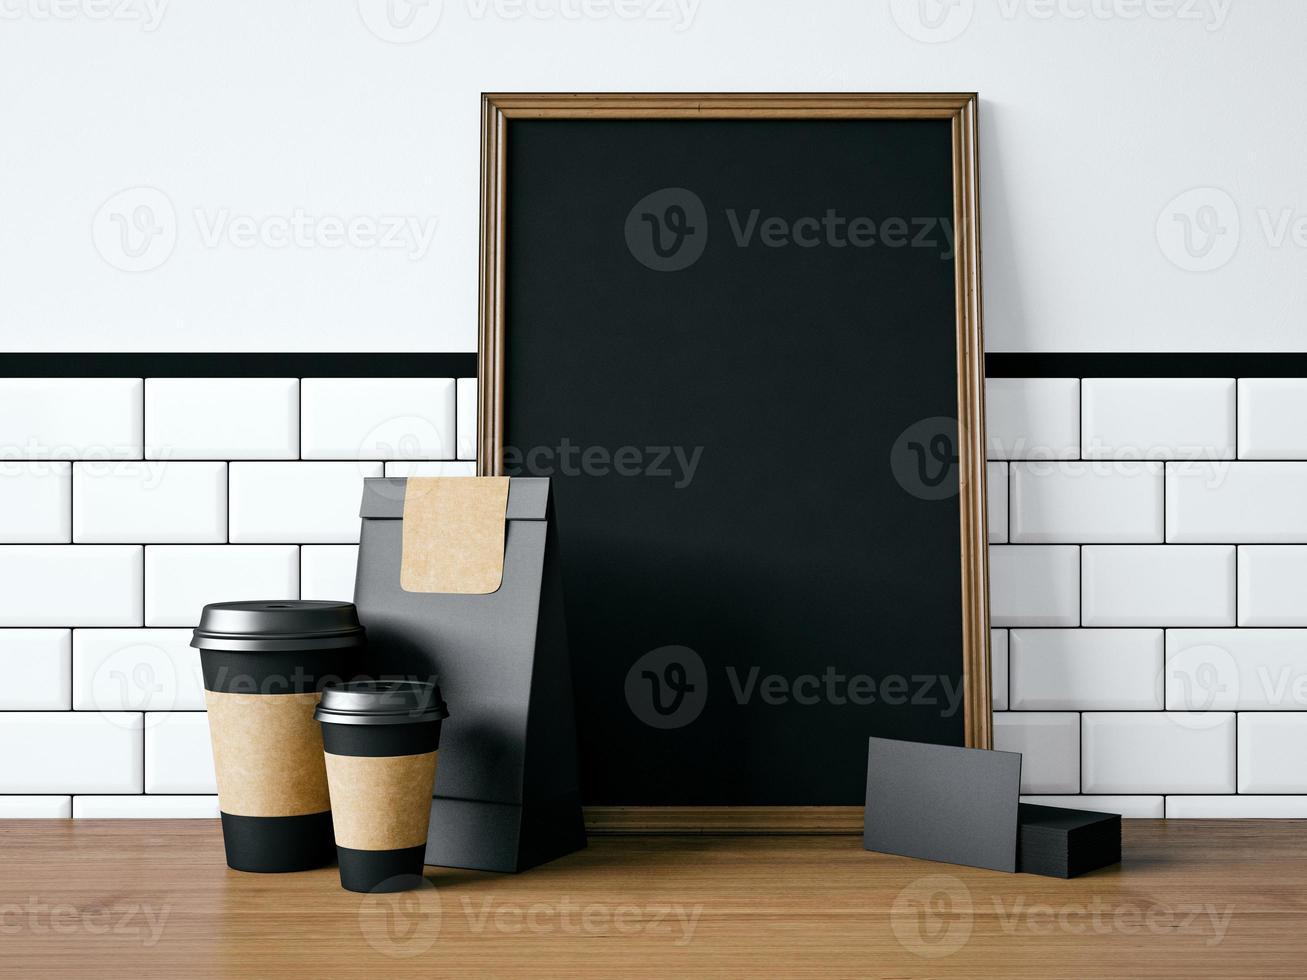 affiche noire sur table avec des éléments vierges. Rendu 3D photo